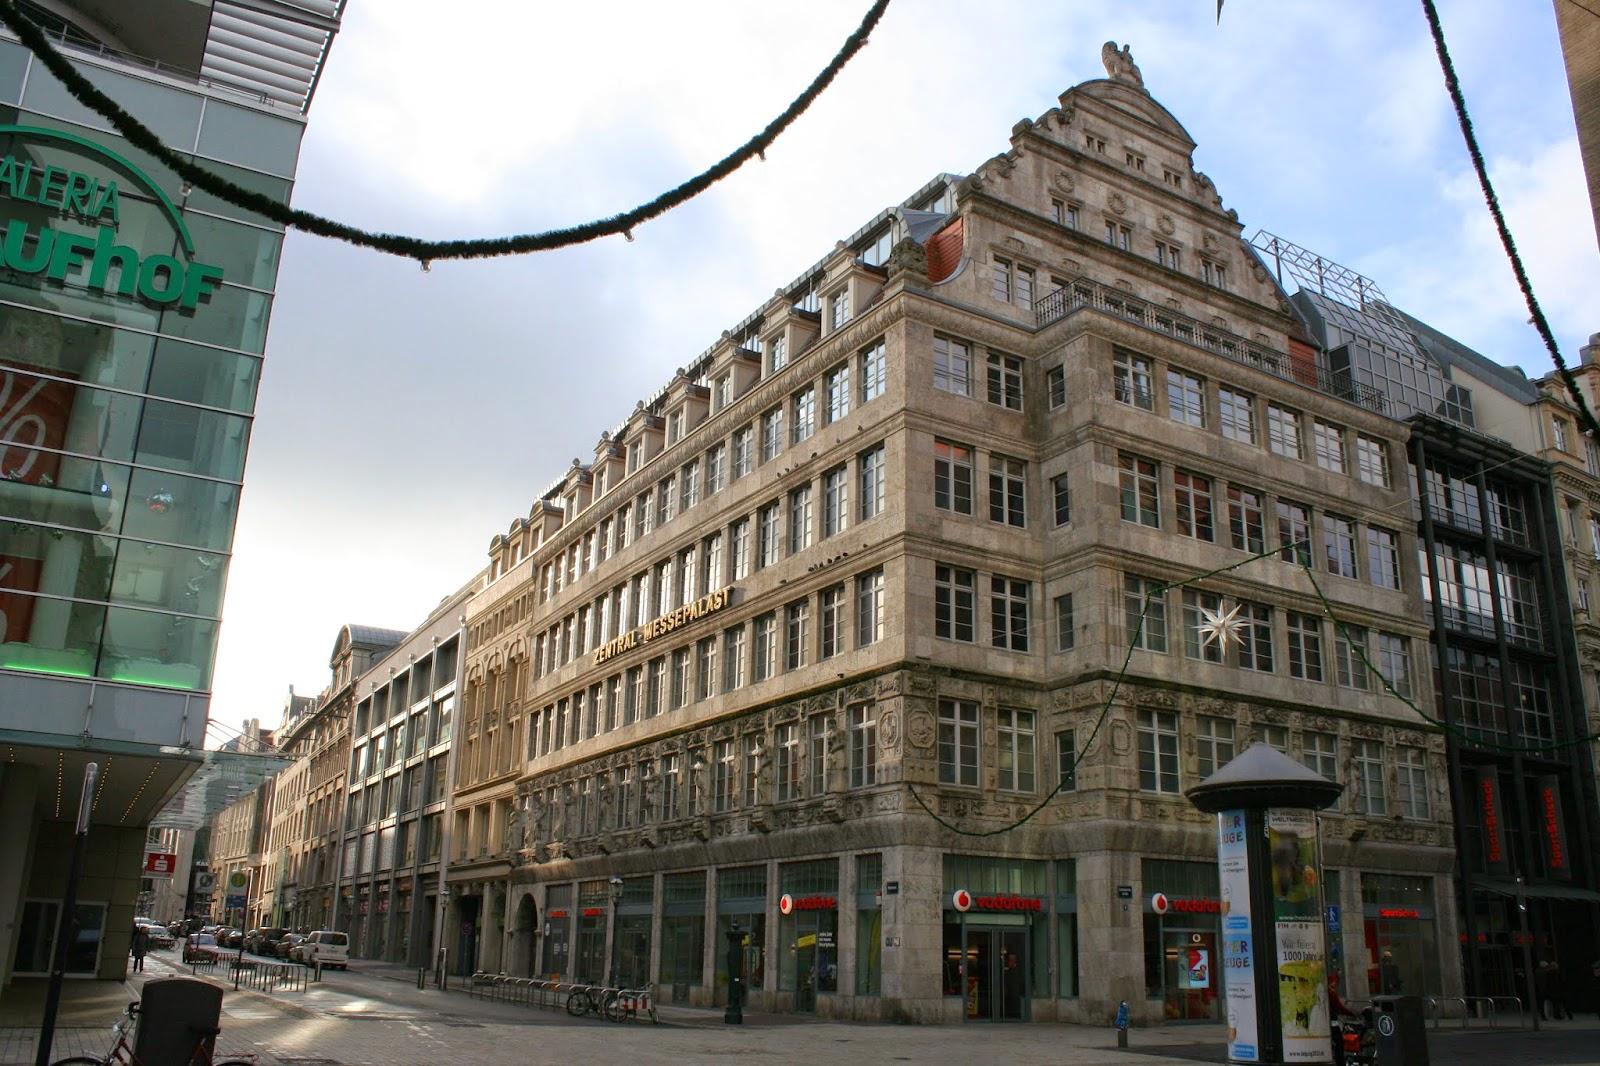 """Das ursprüngliche Gebäude des """"Zentralmessepalast"""" in der Grimmaischen Straße der Innenstadt wurde 1914 zur Frühjahresmesse eröffnet - den Namen erhielt das Haus durch den Mittelpunkt von 2 Handelsstraßen"""